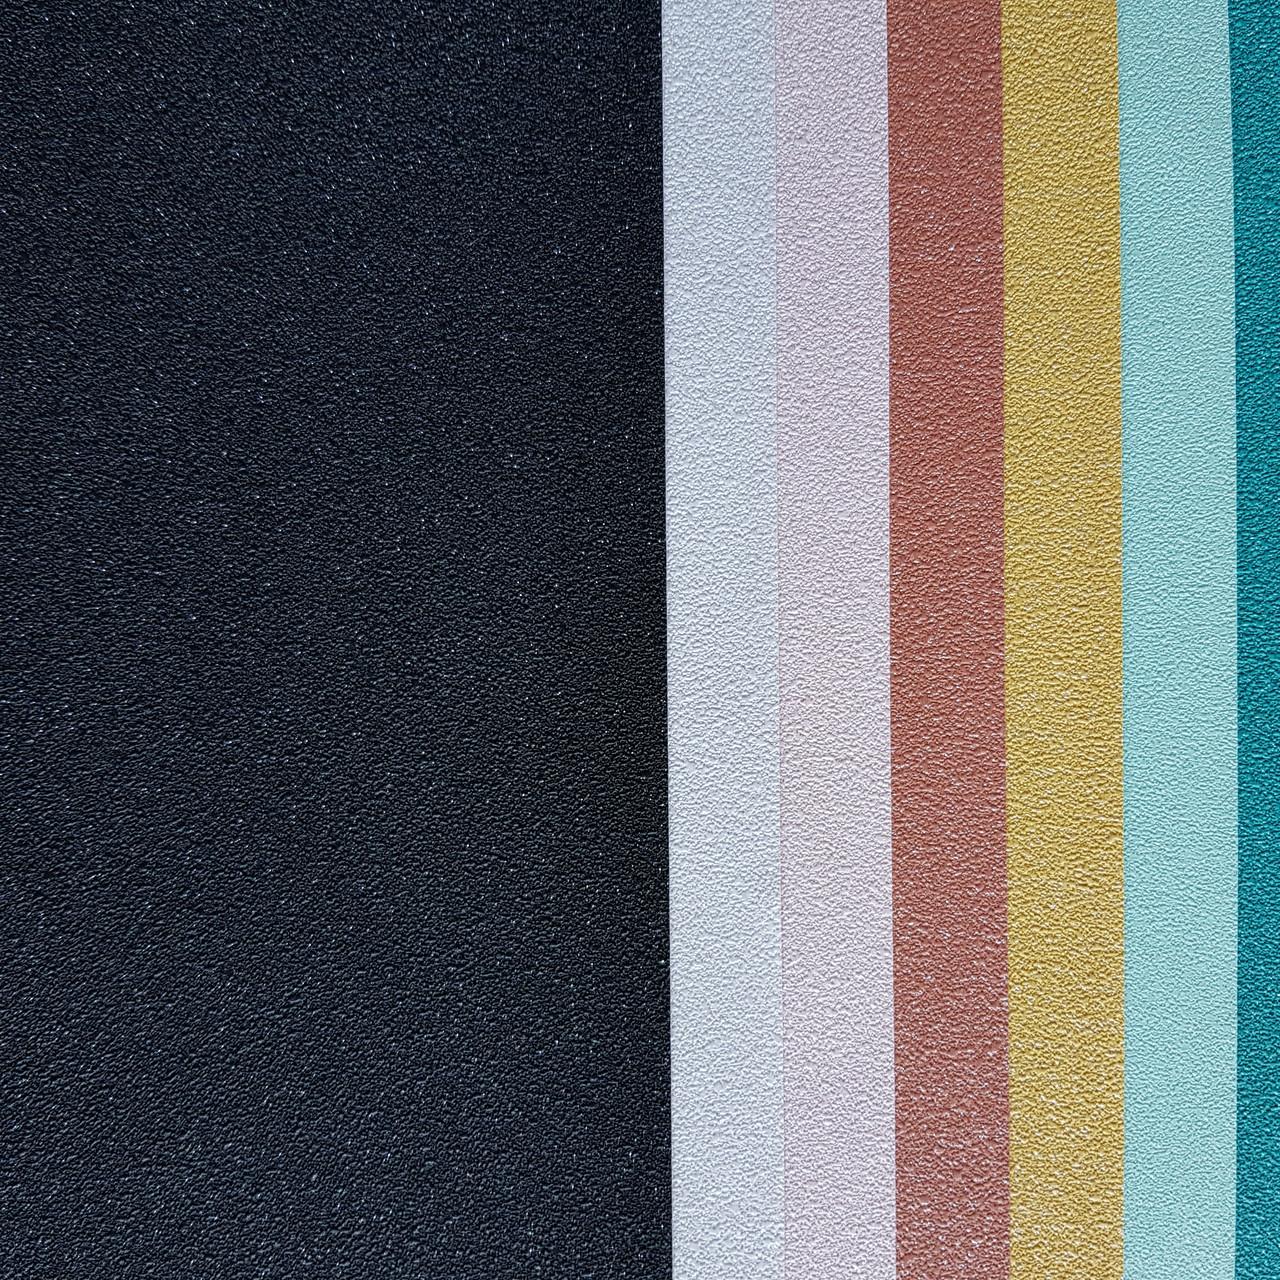 Обои виниловые на флизелине Erismann Brilliant colours 0.53x10 однотонные черные серебристые точки